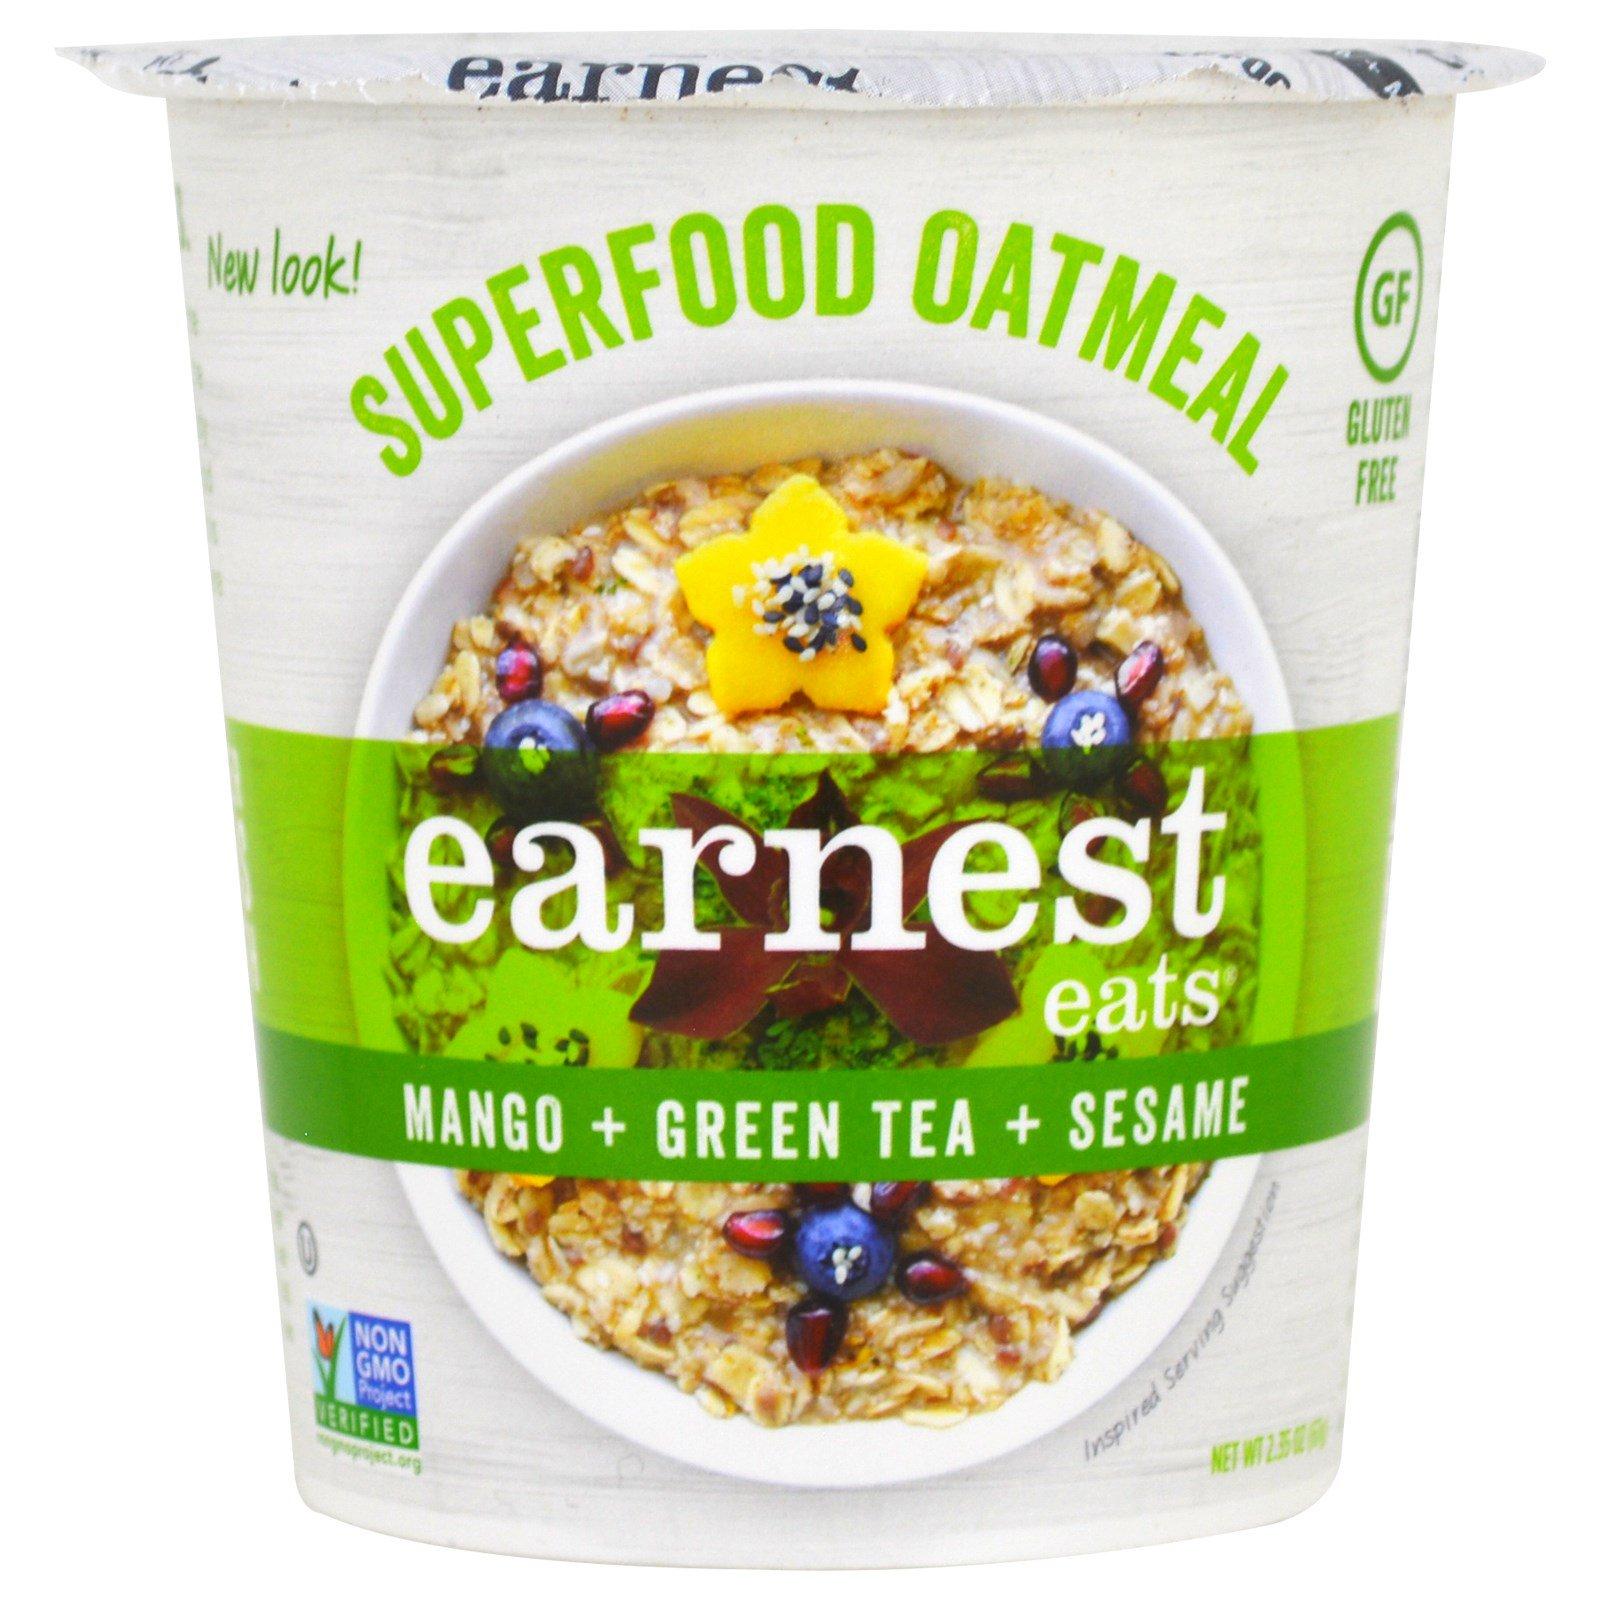 Earnest Eats, Суперфуд с овсянкой, Манго+ зеленый чай + кунжут, Азиатская смесь, 2,35 унции (67 г)